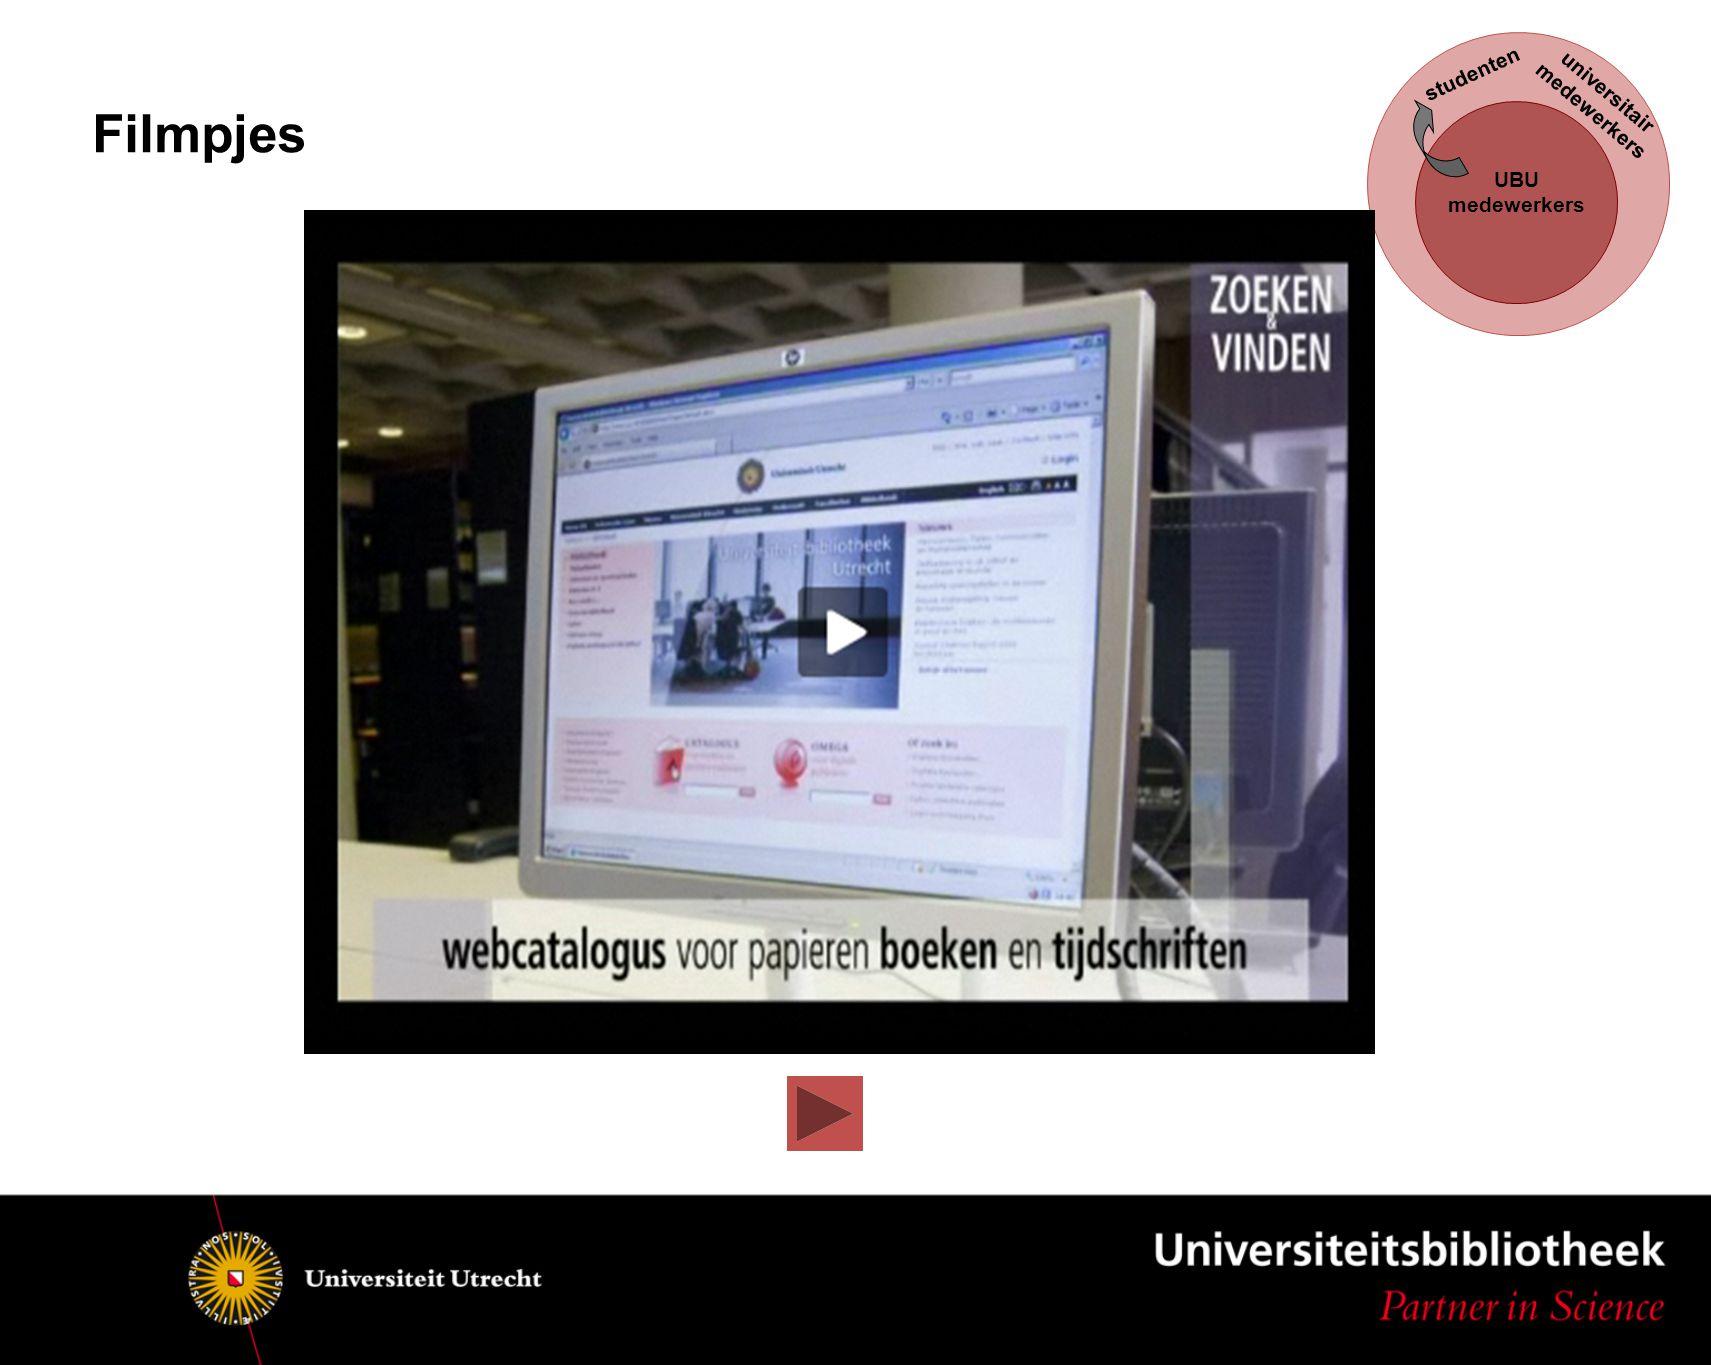 UBU medewerkers studenten universitair medewerkers Filmpjes